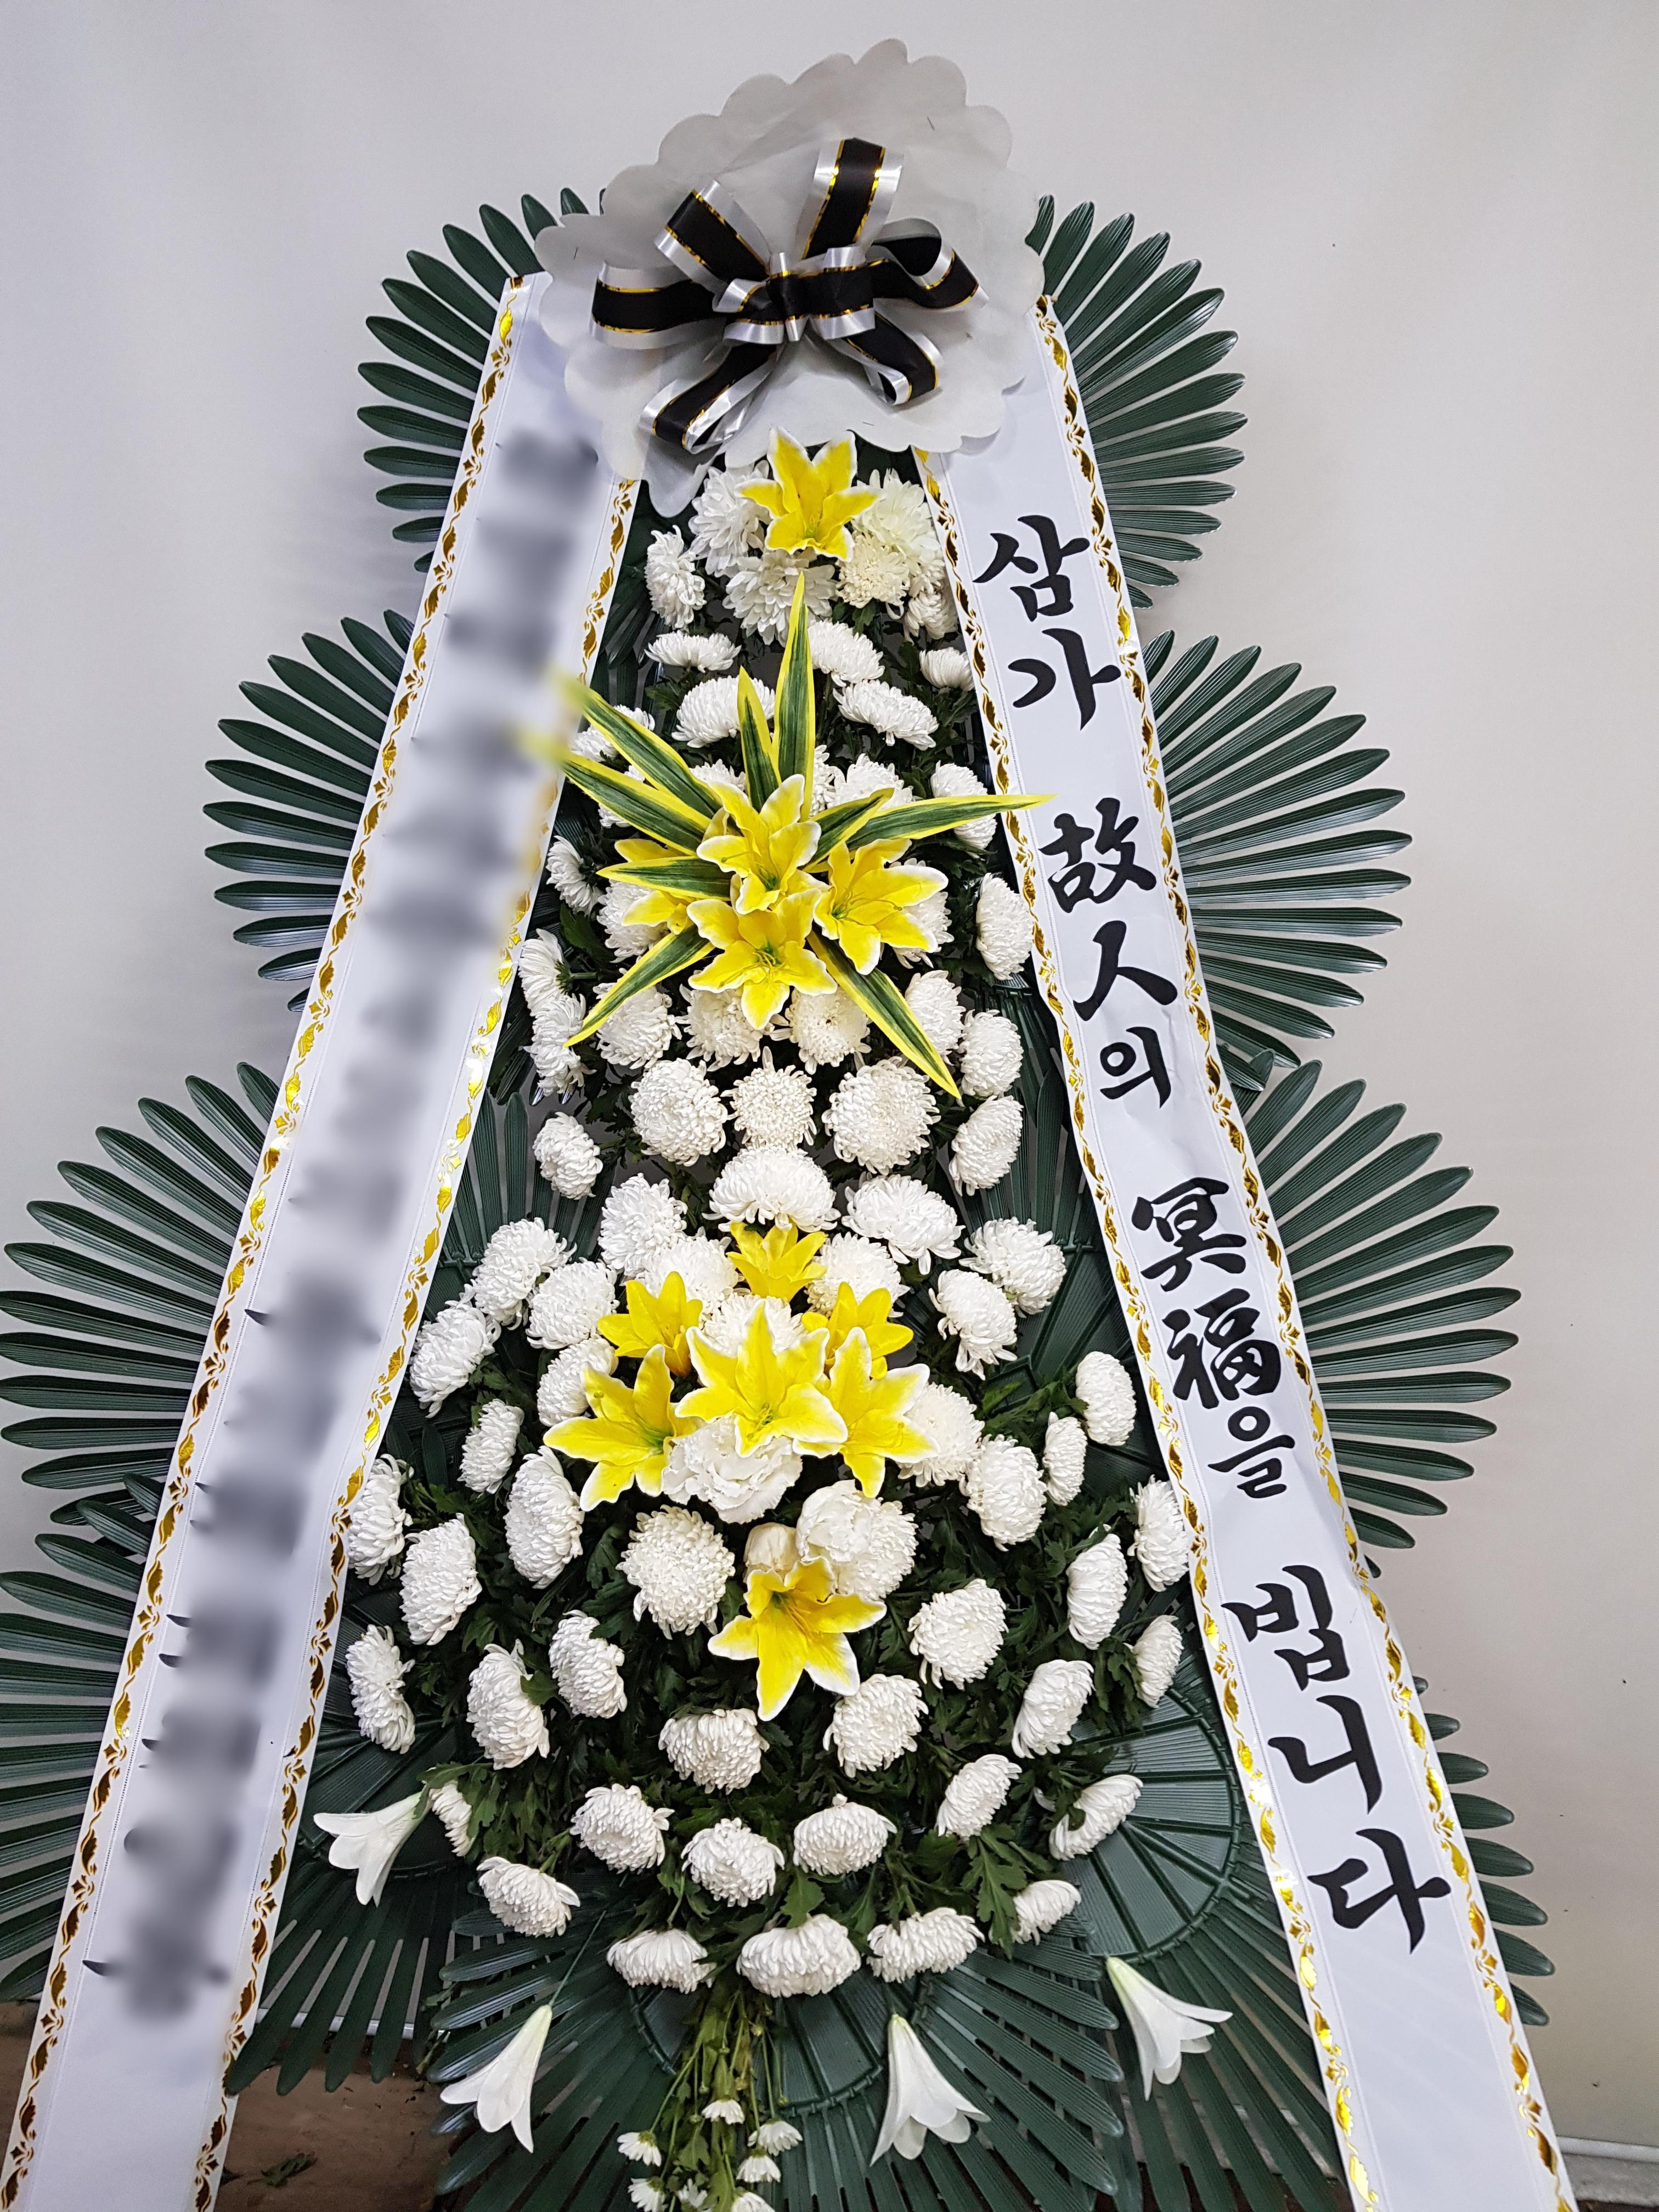 주문자 김ㅇㅇ 서울 강남구 배송사진입니다.